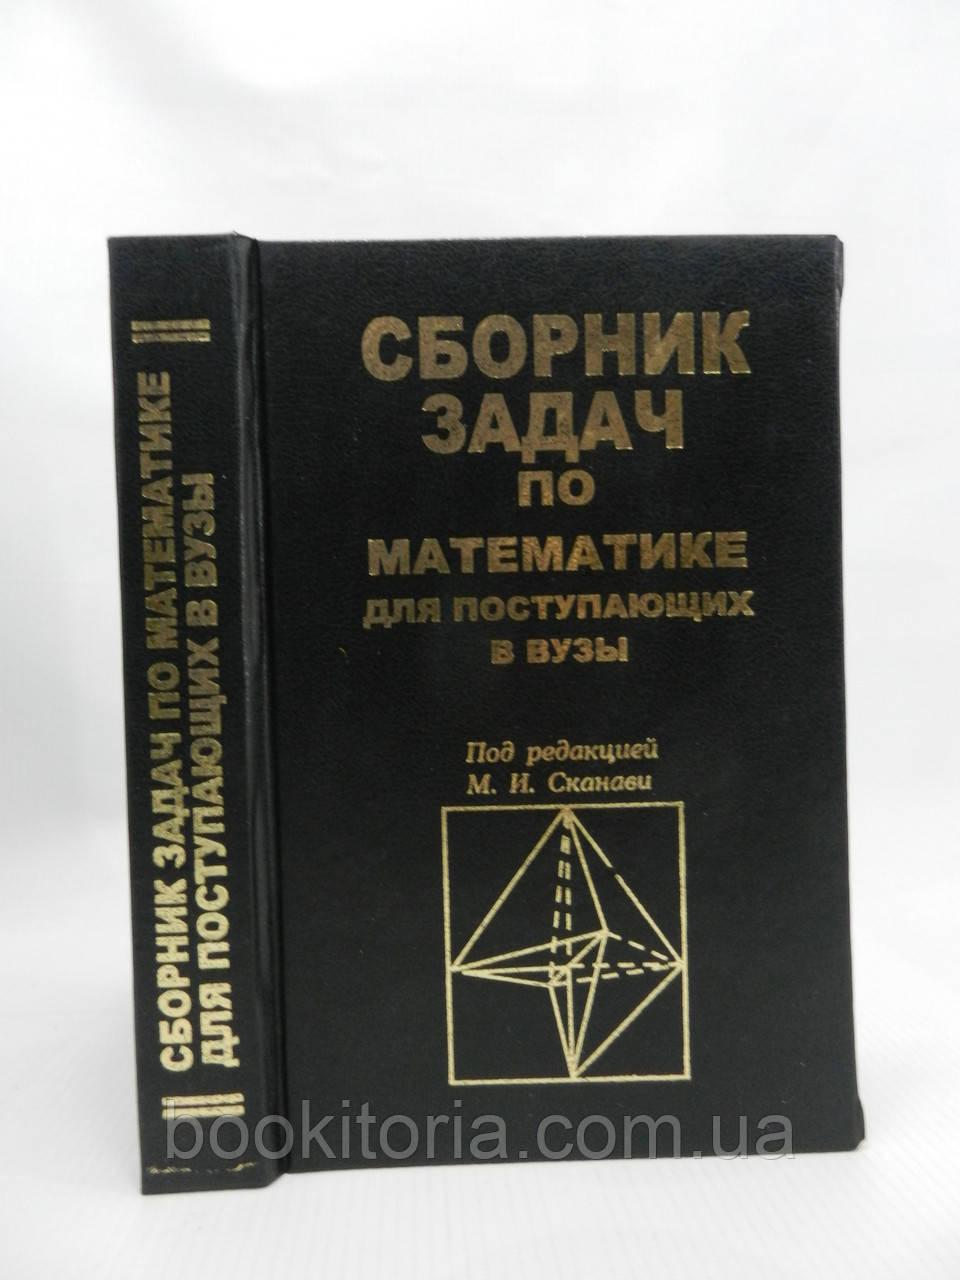 Егерев В. и др. Сборник задач по математике для поступающих в вузы (б/у).